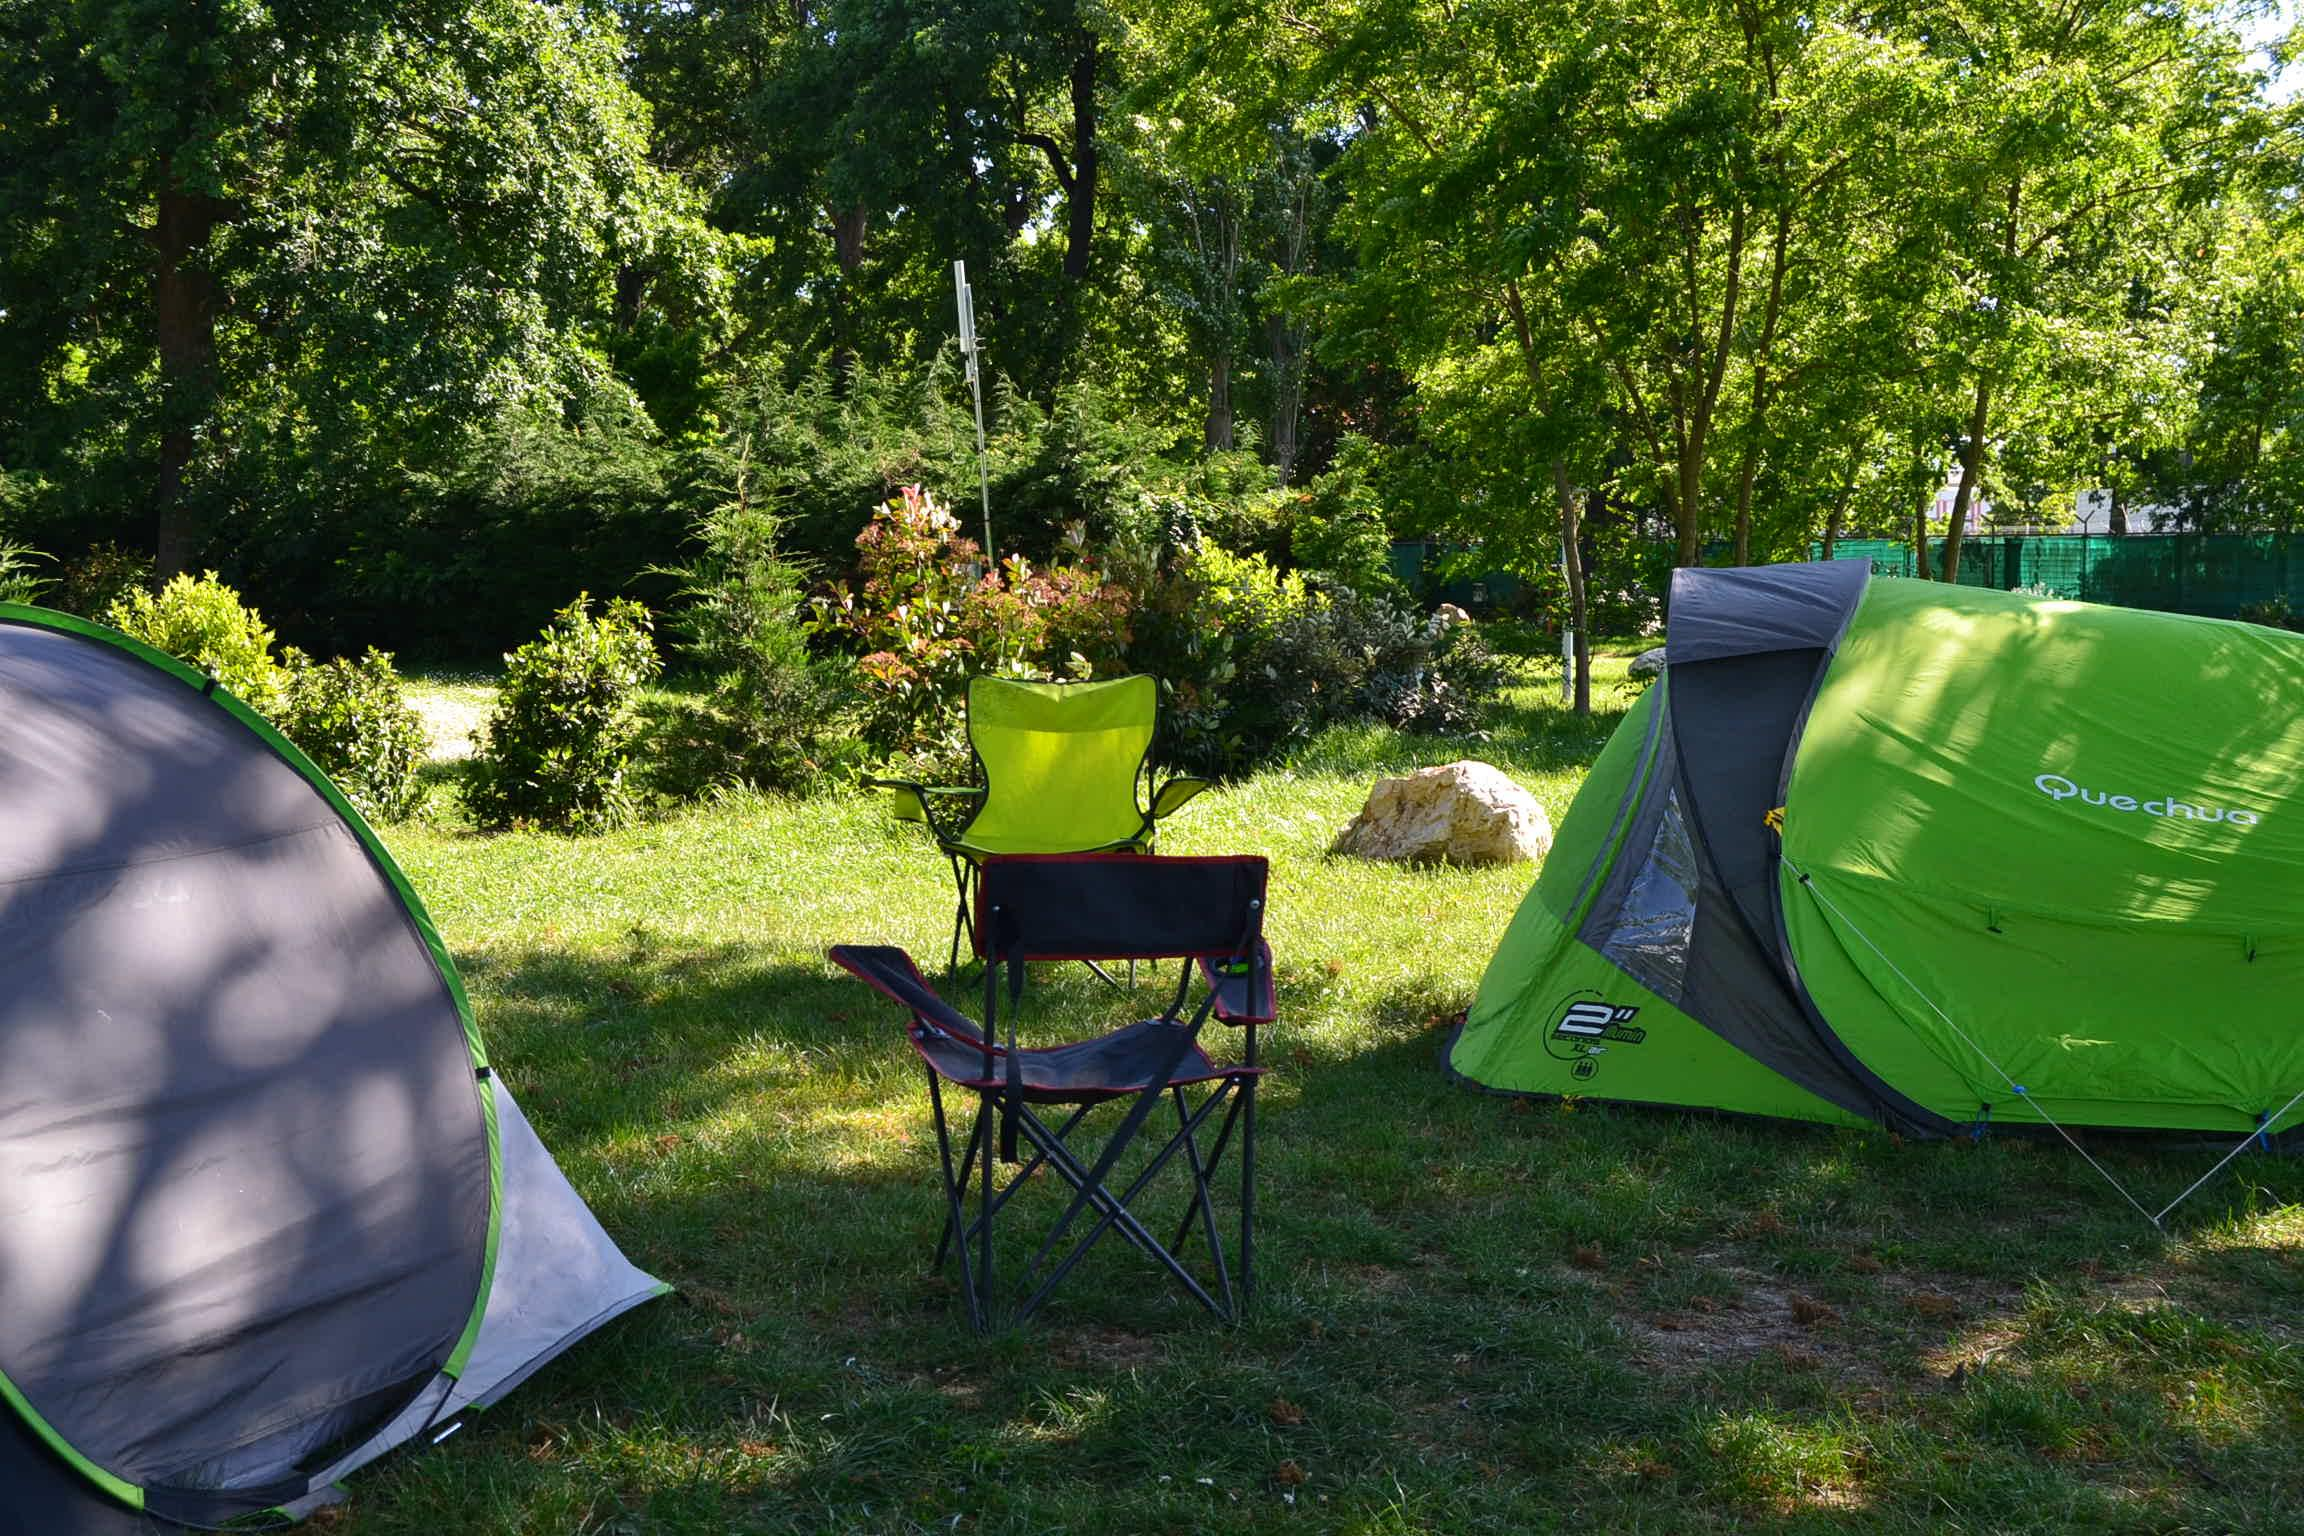 Emplacement - Emplacement Tente - Camping Caravaning de Rupé